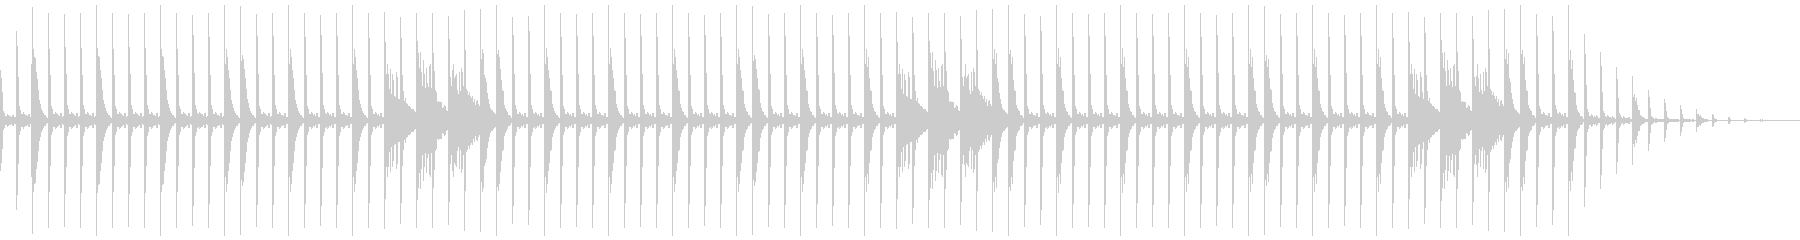 80年代風ドラムループの未再生の波形